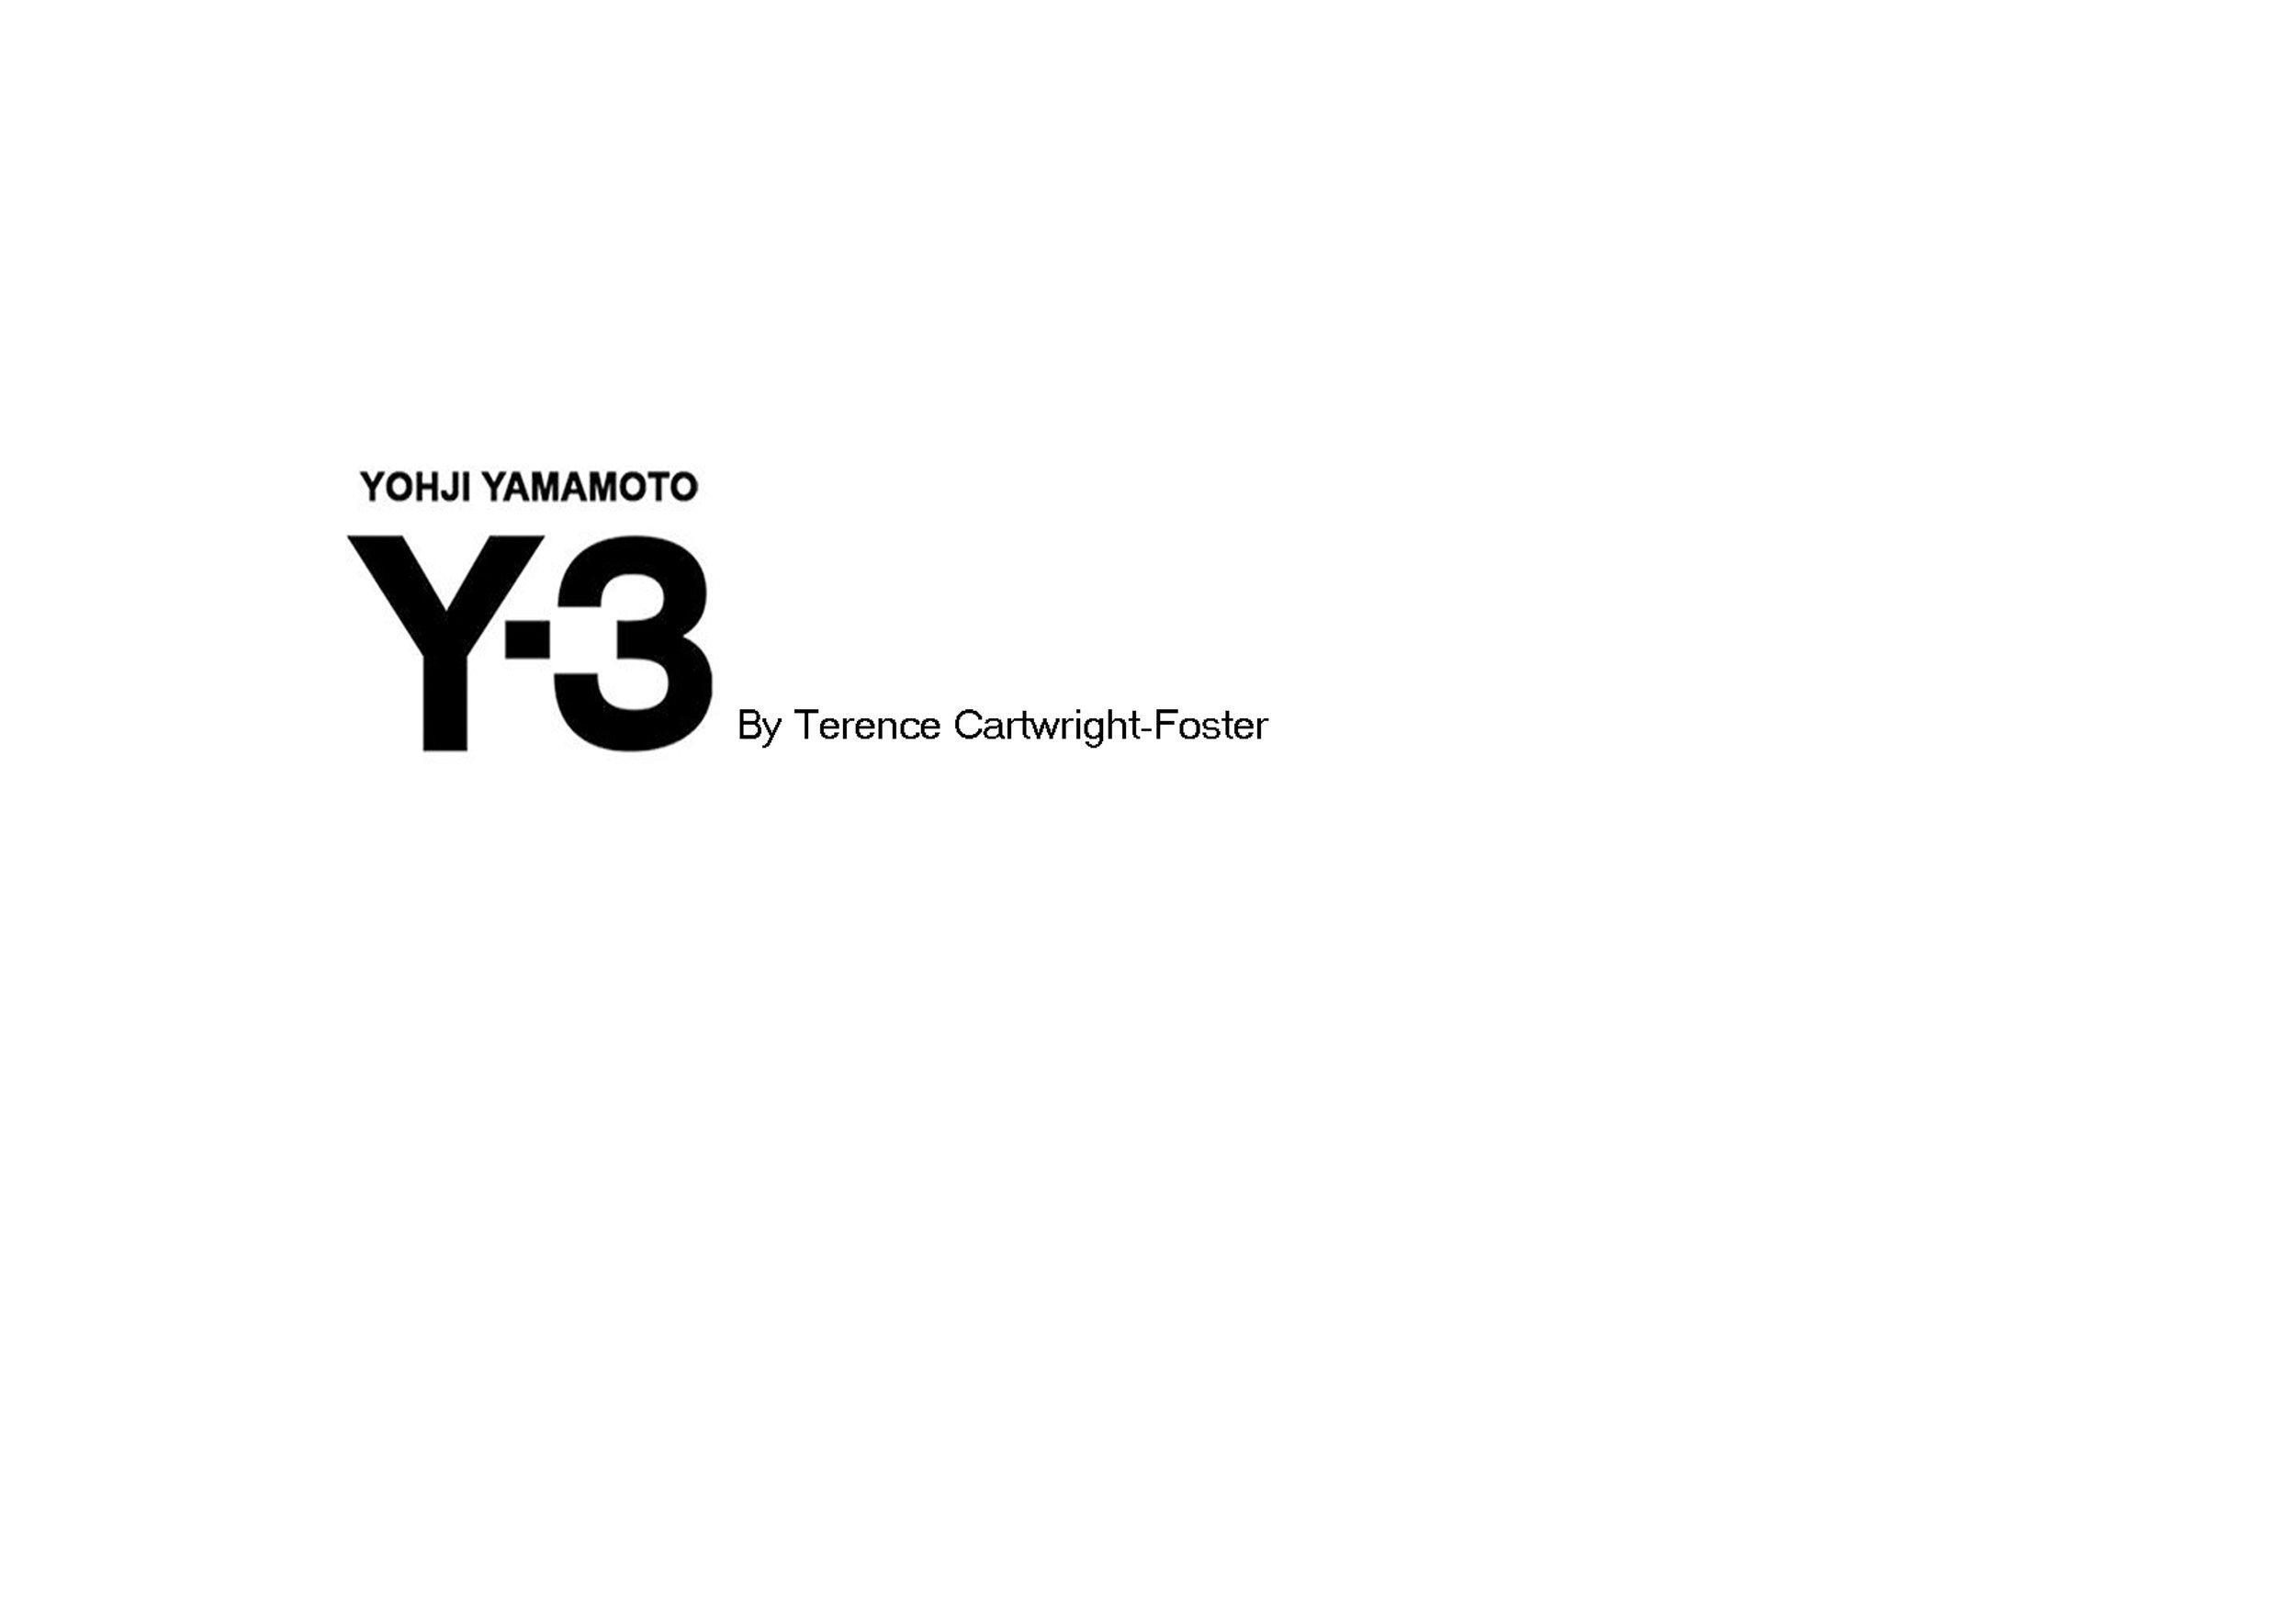 y-3 title.jpg